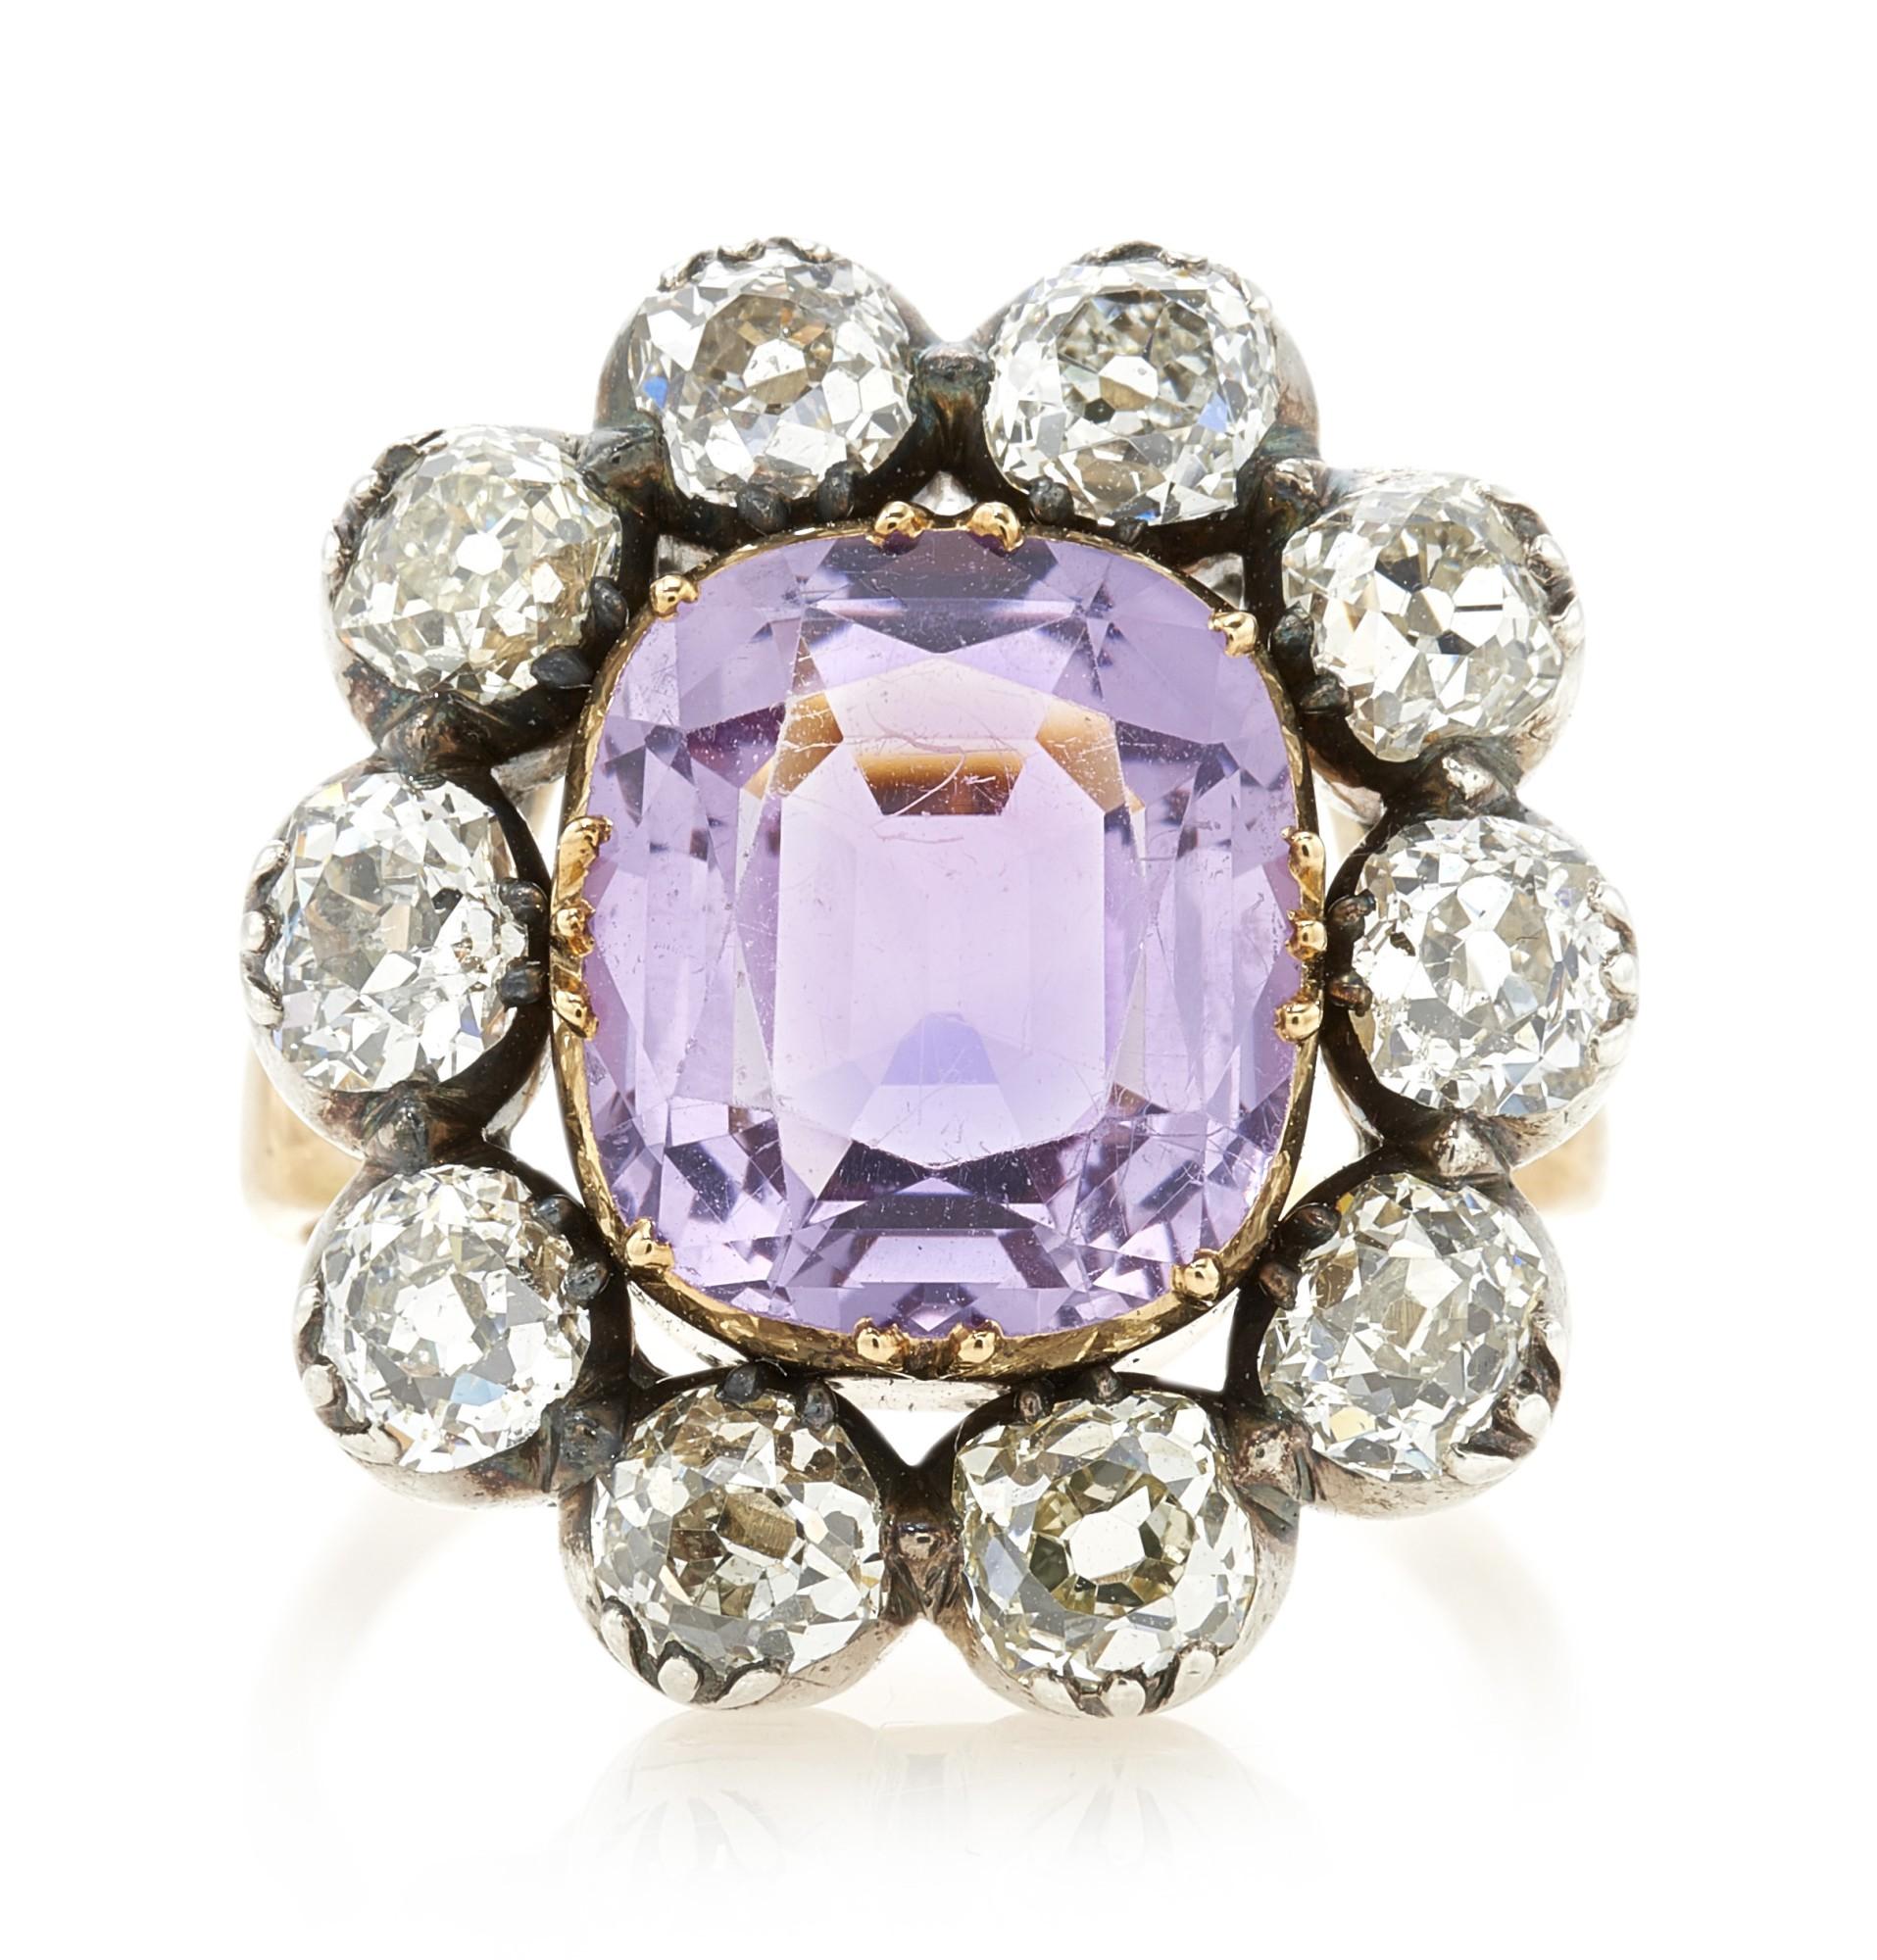 AMETHYST AND DIAMOND RING (ANELLO CON AMETISTA E DIAMANTI)